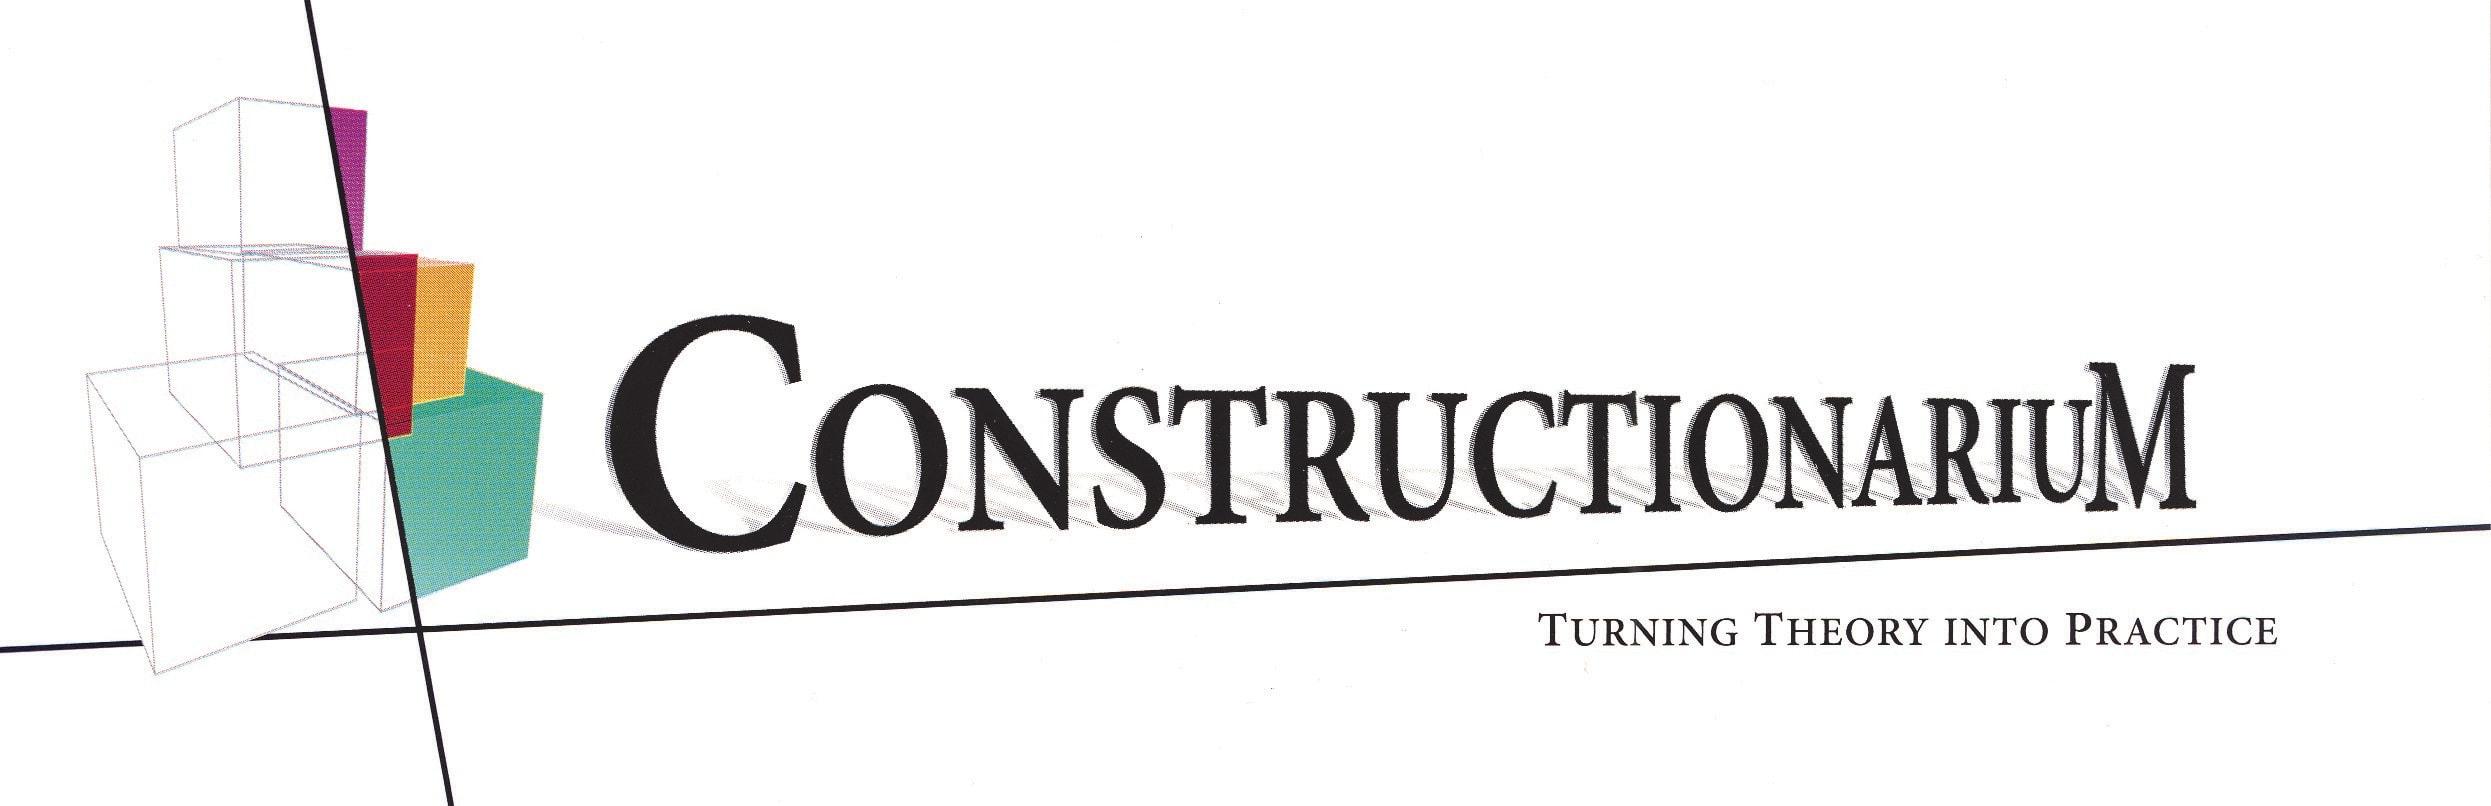 Constructionarium